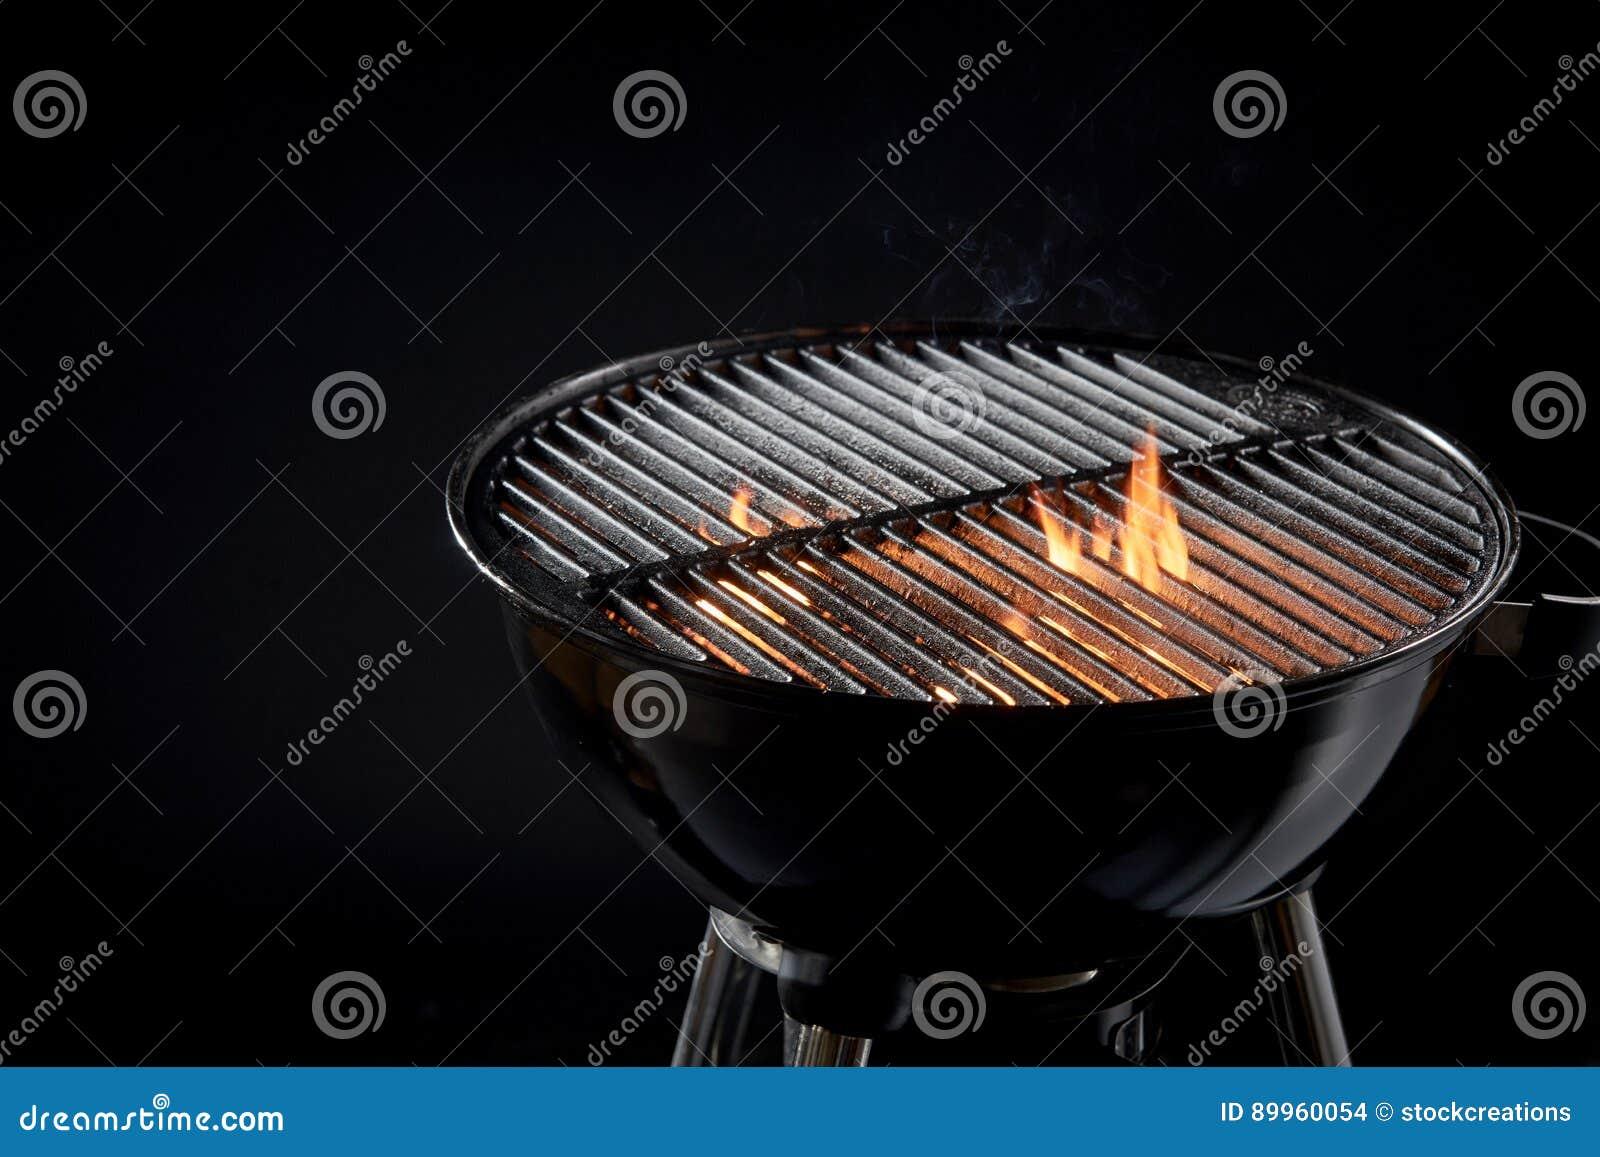 Fogo quente do assado com os carvões de incandescência prontos para cozinhar